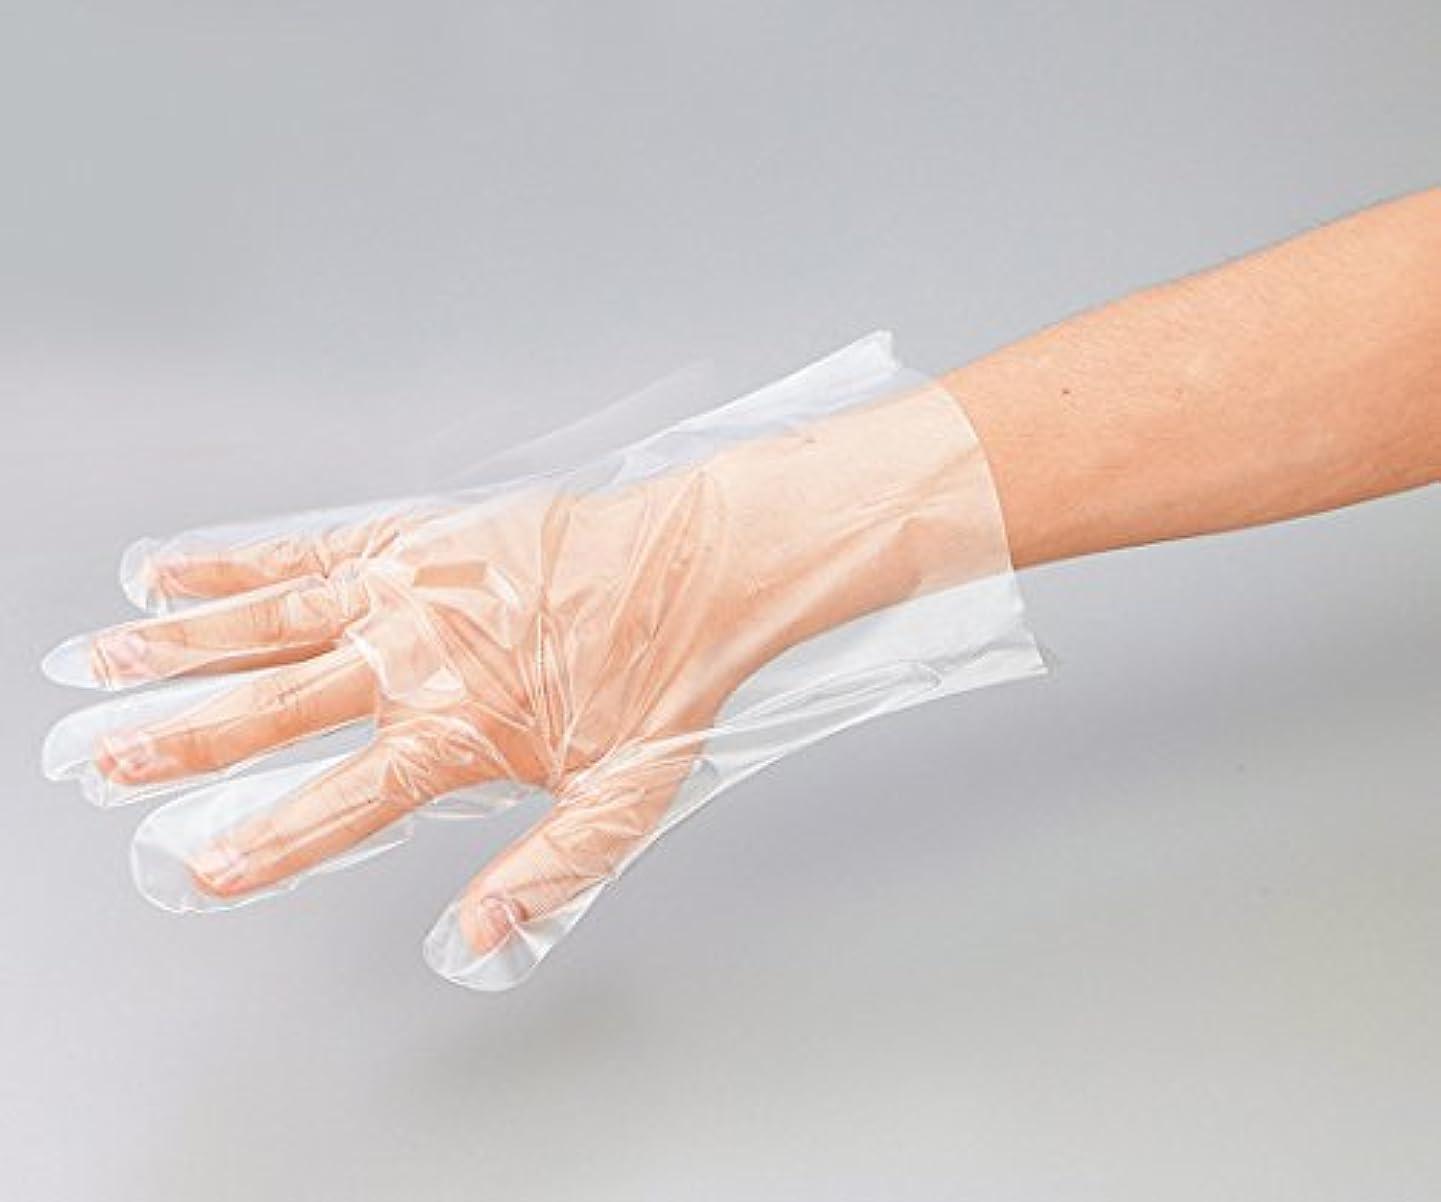 むしゃむしゃパニックしたがってプロシェア ポリエチレン手袋 エンボス無 L /8-2587-01